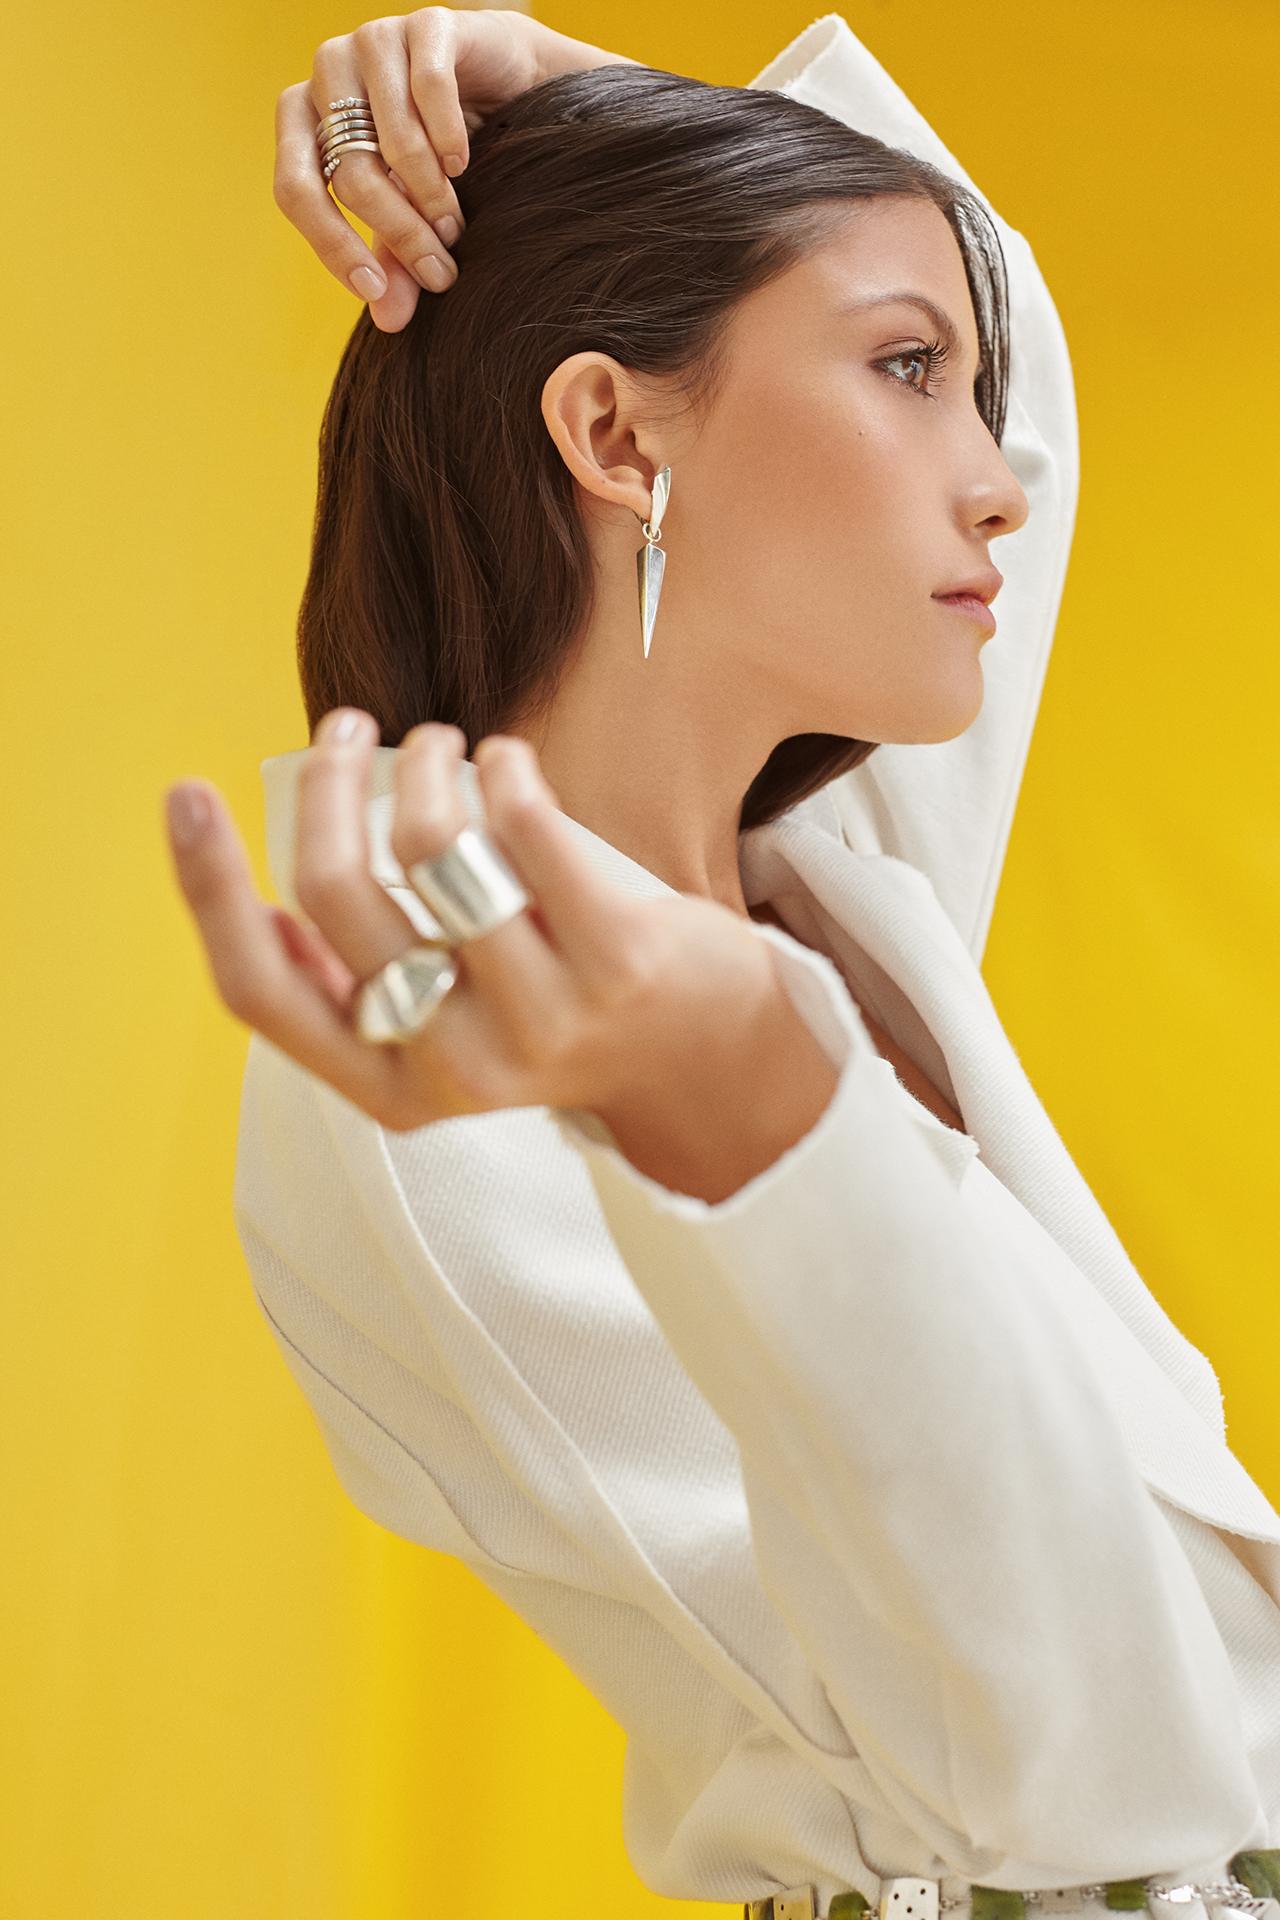 Modelo con chaqueta plateada, candongas con dijes piramidales plateados y anillos Parte de la Colección No.7 de Aysha Bilgrami Joyeria. Imagen de Campaña de Colección No.7  de Aysha Bilgrami Joyeria por Daniella Benedetti